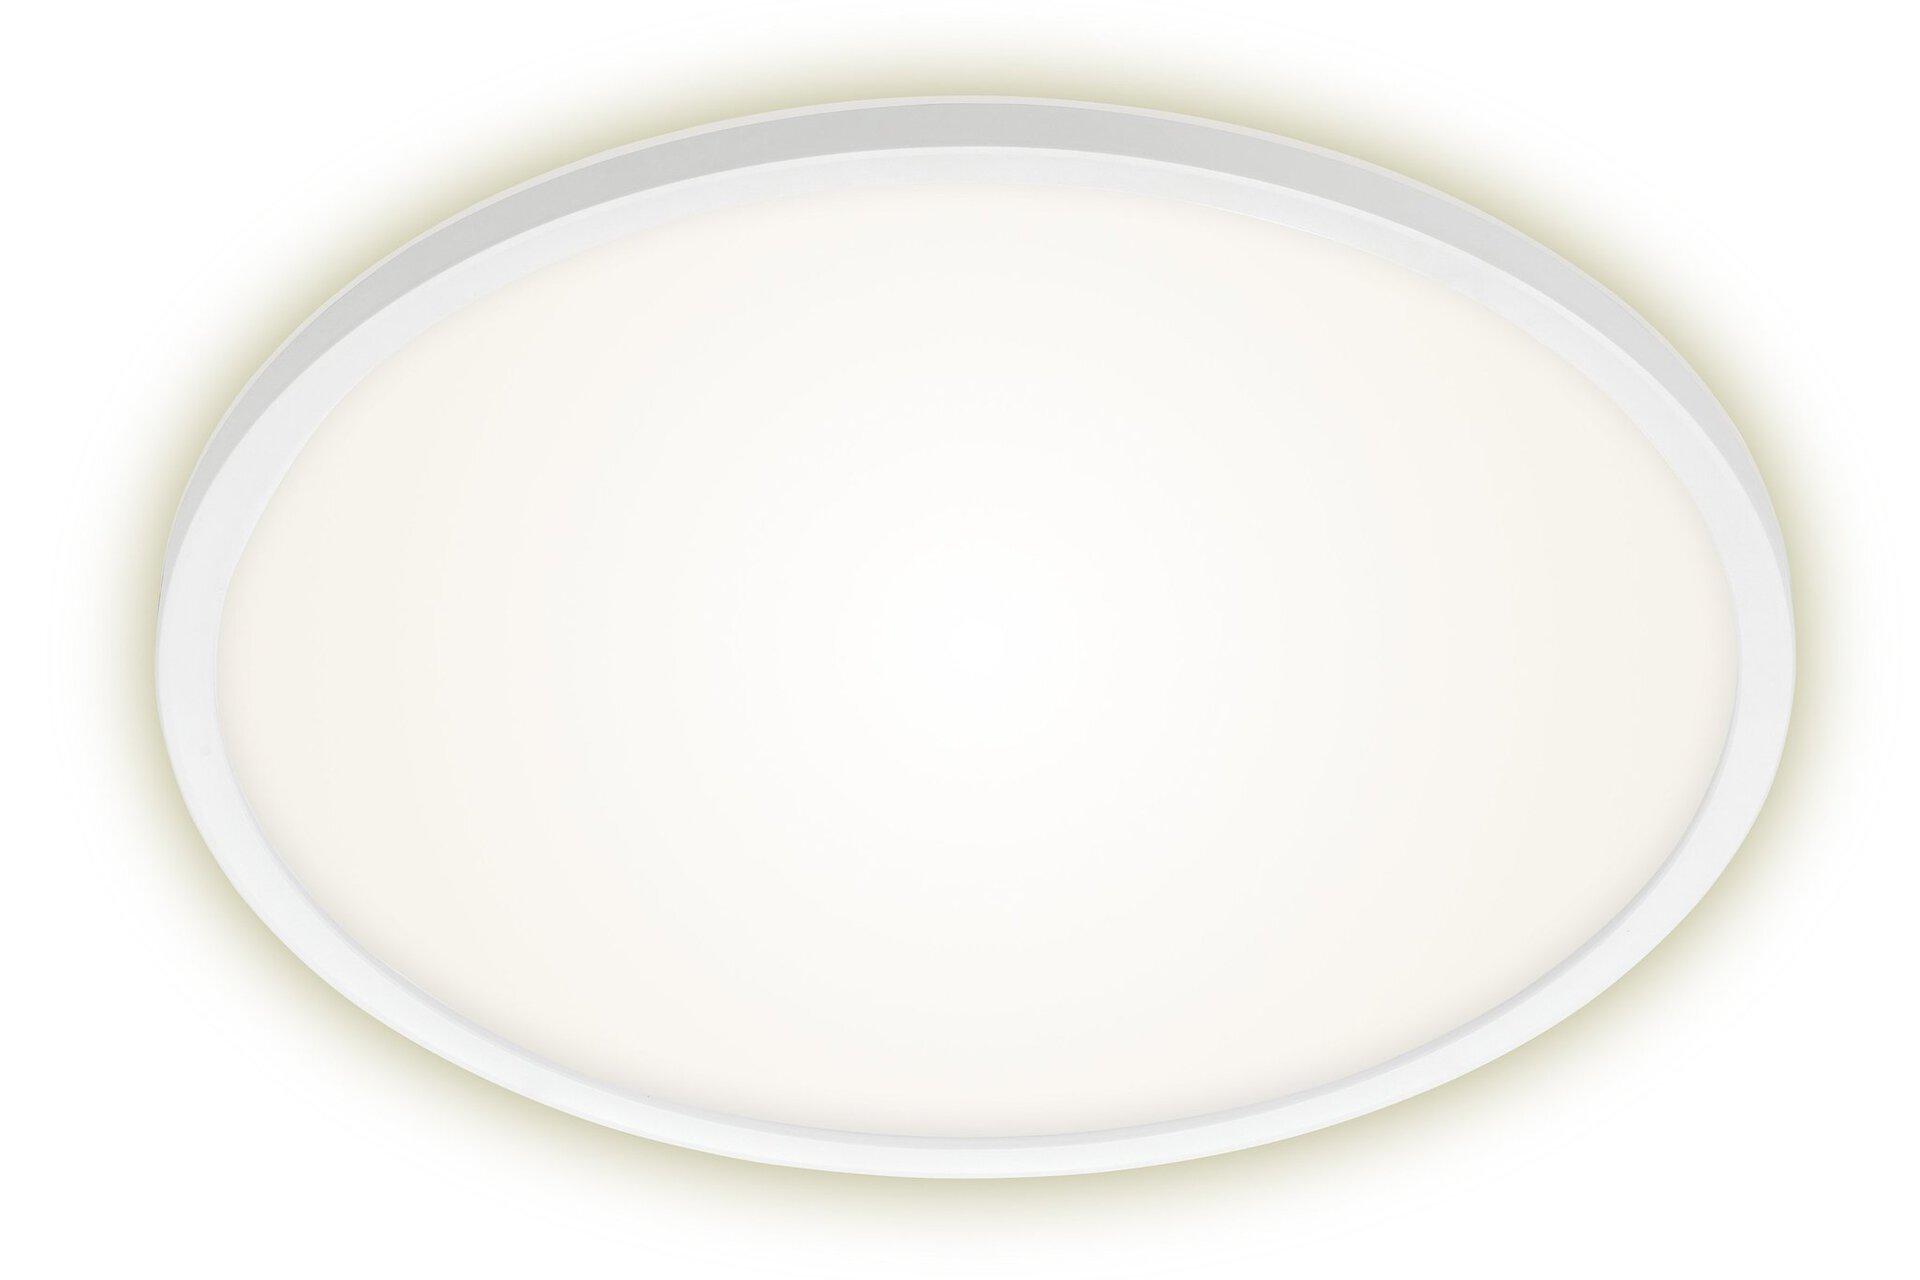 Deckenleuchte SLIM Briloner Metall weiß 42 x 3 x 42 cm